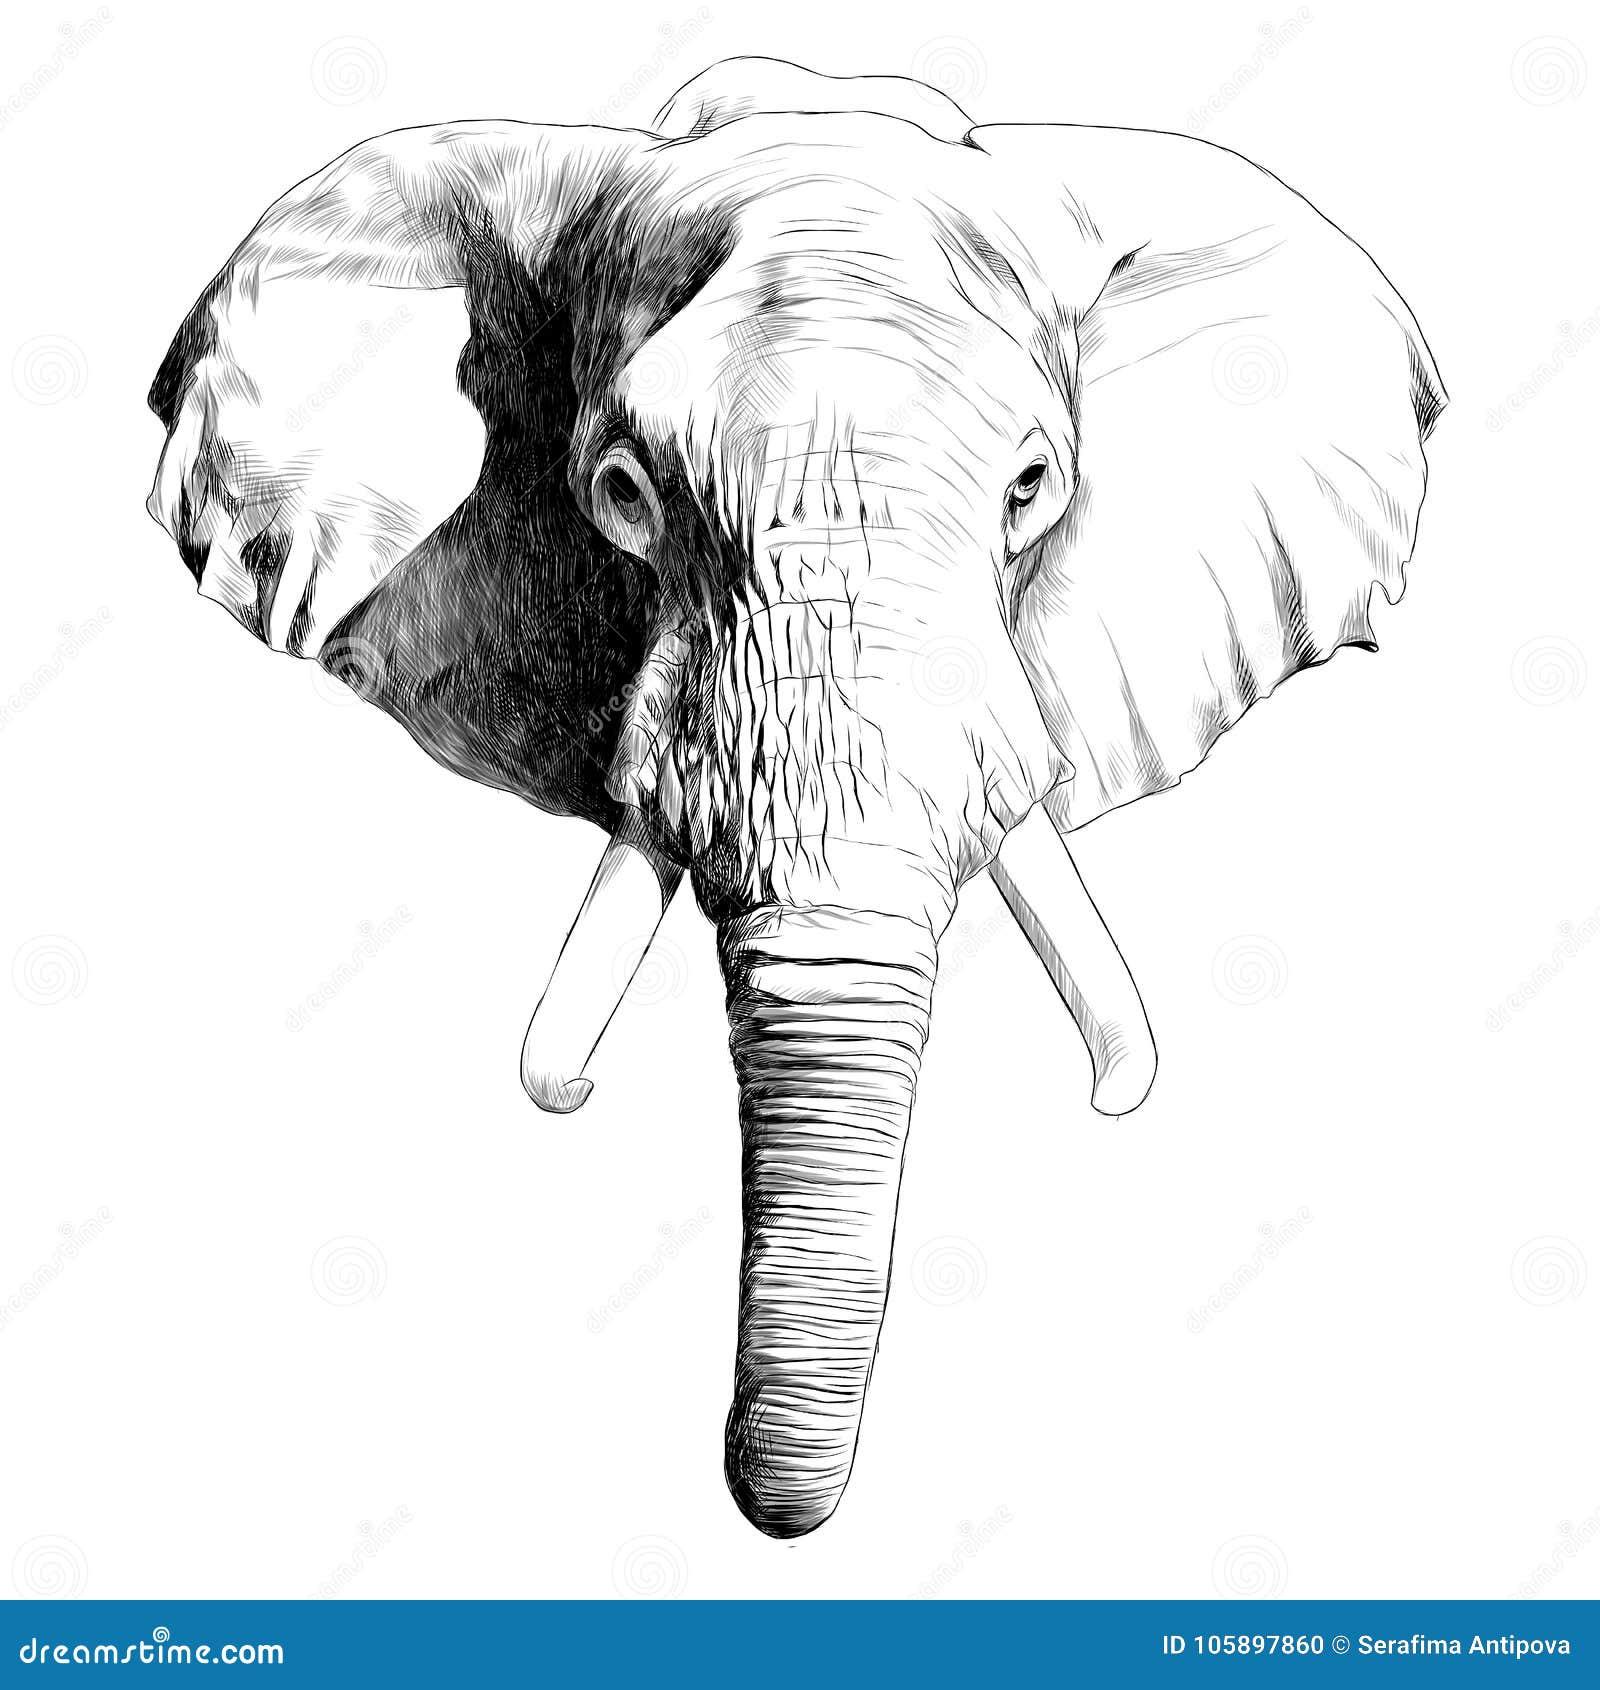 Elephant head sketch vector